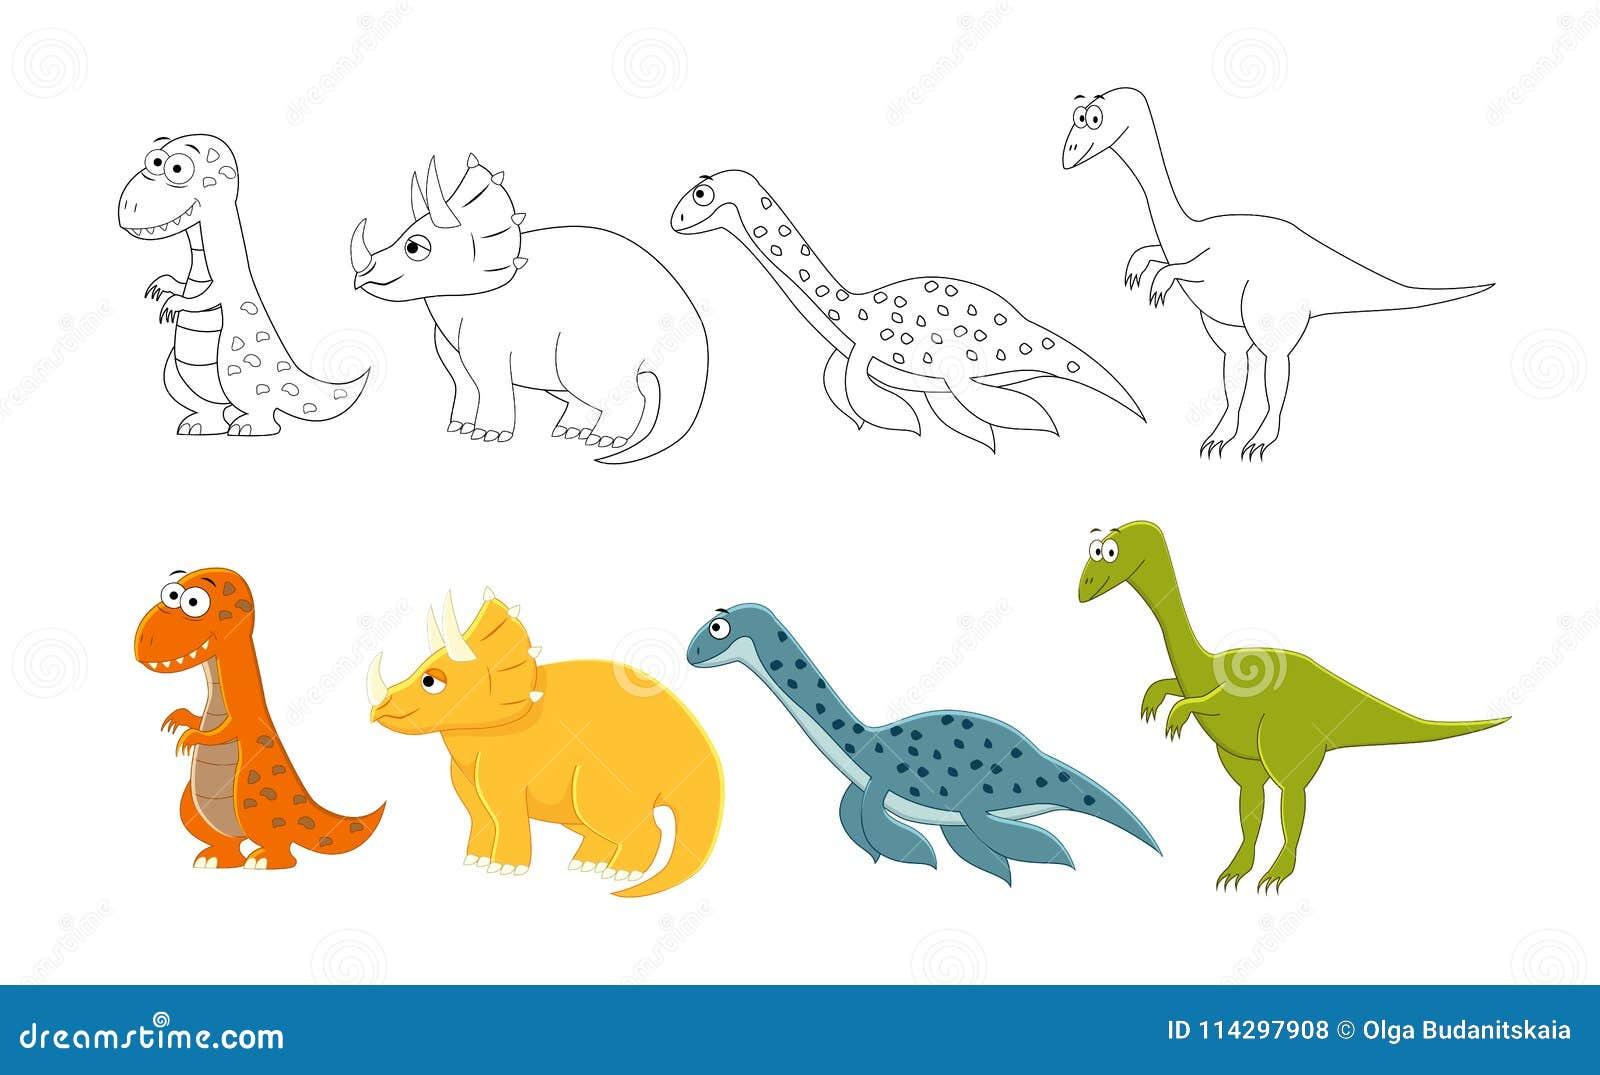 Dinosauro Da Colorare Per Bambini.Dinosauri Del Fumetto Messi Pagine Del Libro Da Colorare Per I Bambini Ill Di Vettore Illustrazione Vettoriale Illustrazione Di Drago Estratto 114297908